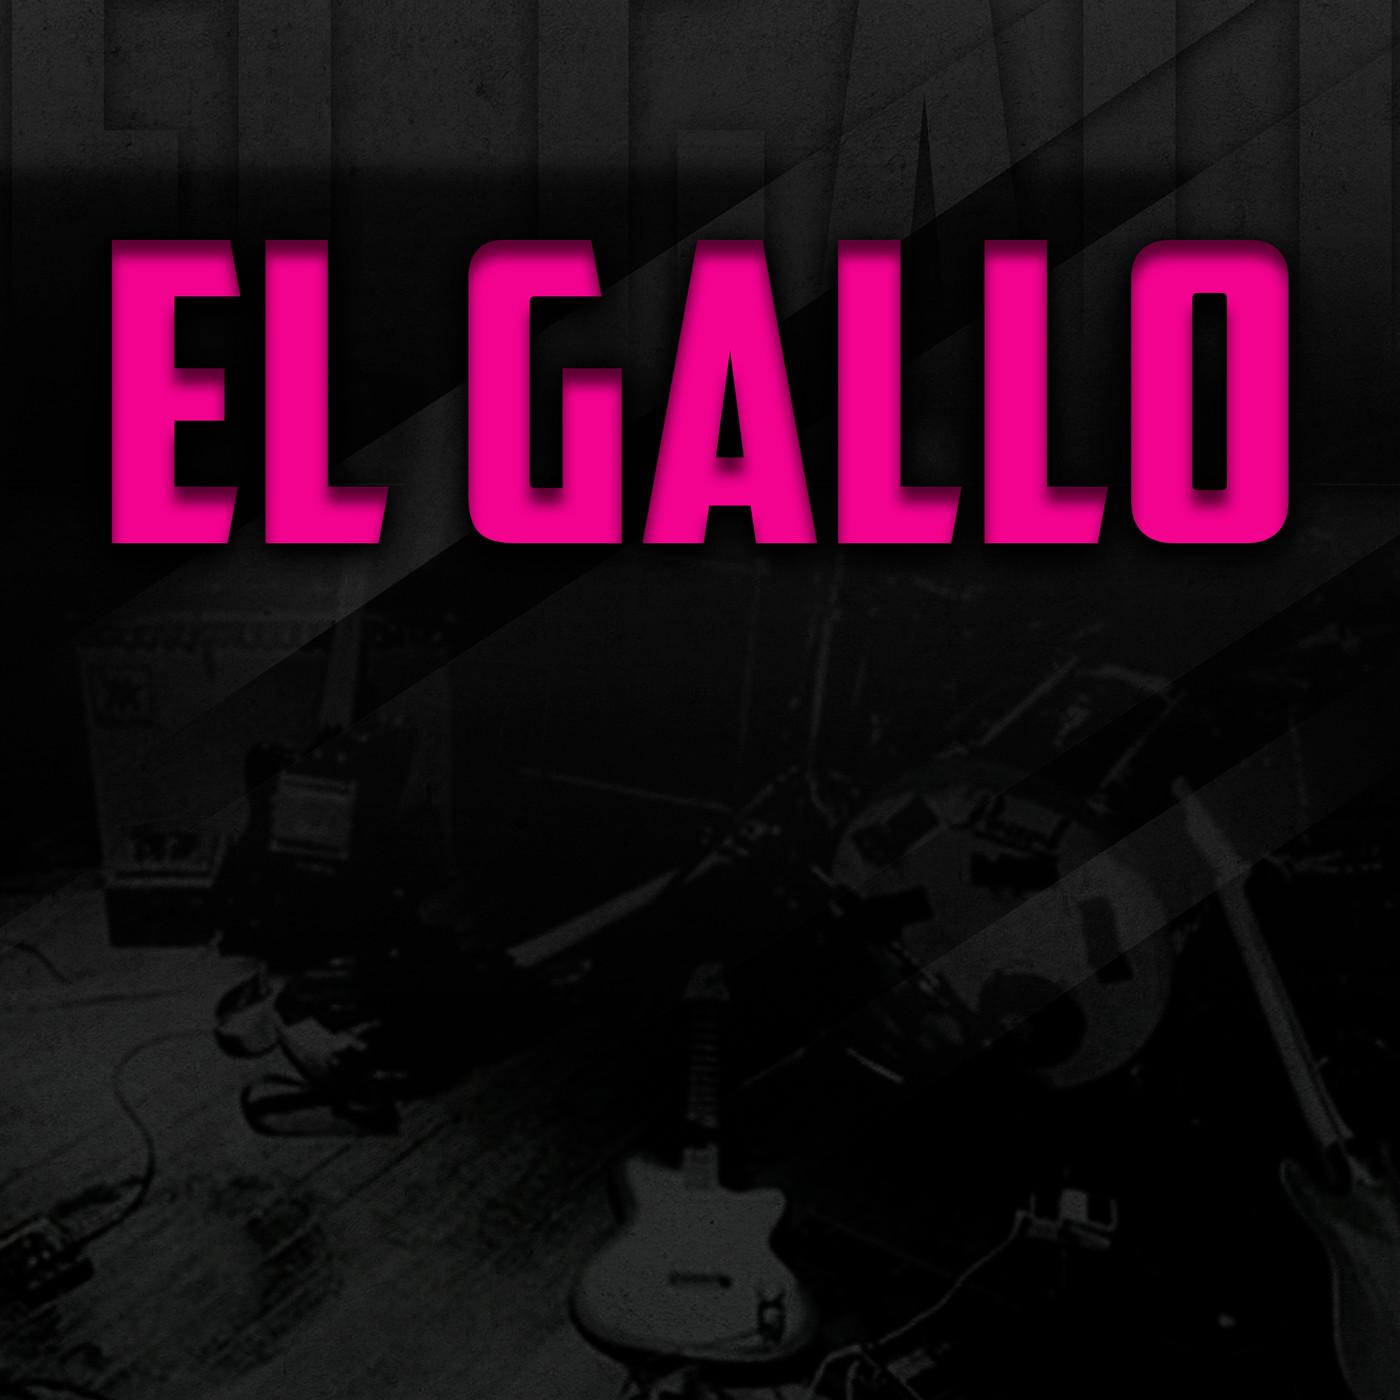 El Gallo (20/10/2020 - Tramo de 07:00 a 08:00)